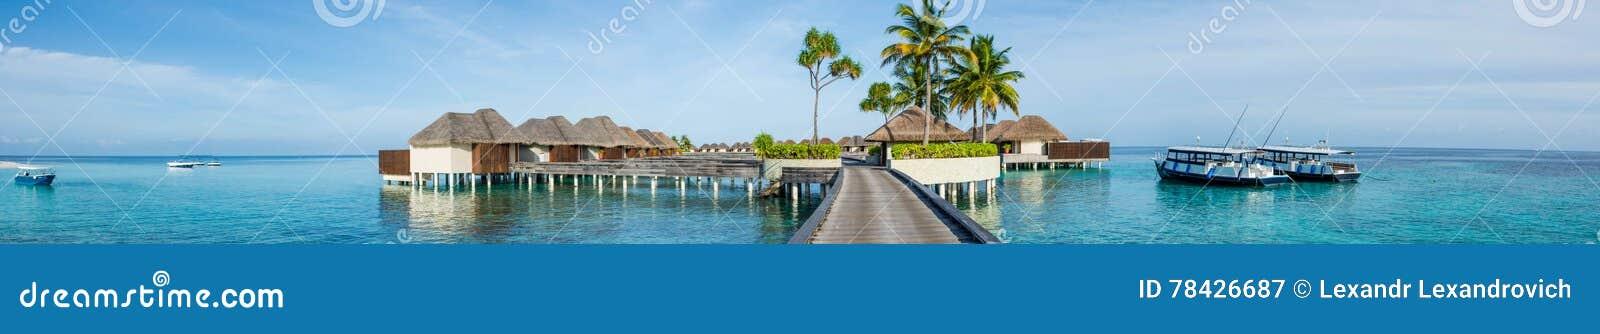 Красивая тропическая панорама пляжа bungalos с мостом около океана с пальмами и шлюпками на Мальдивах